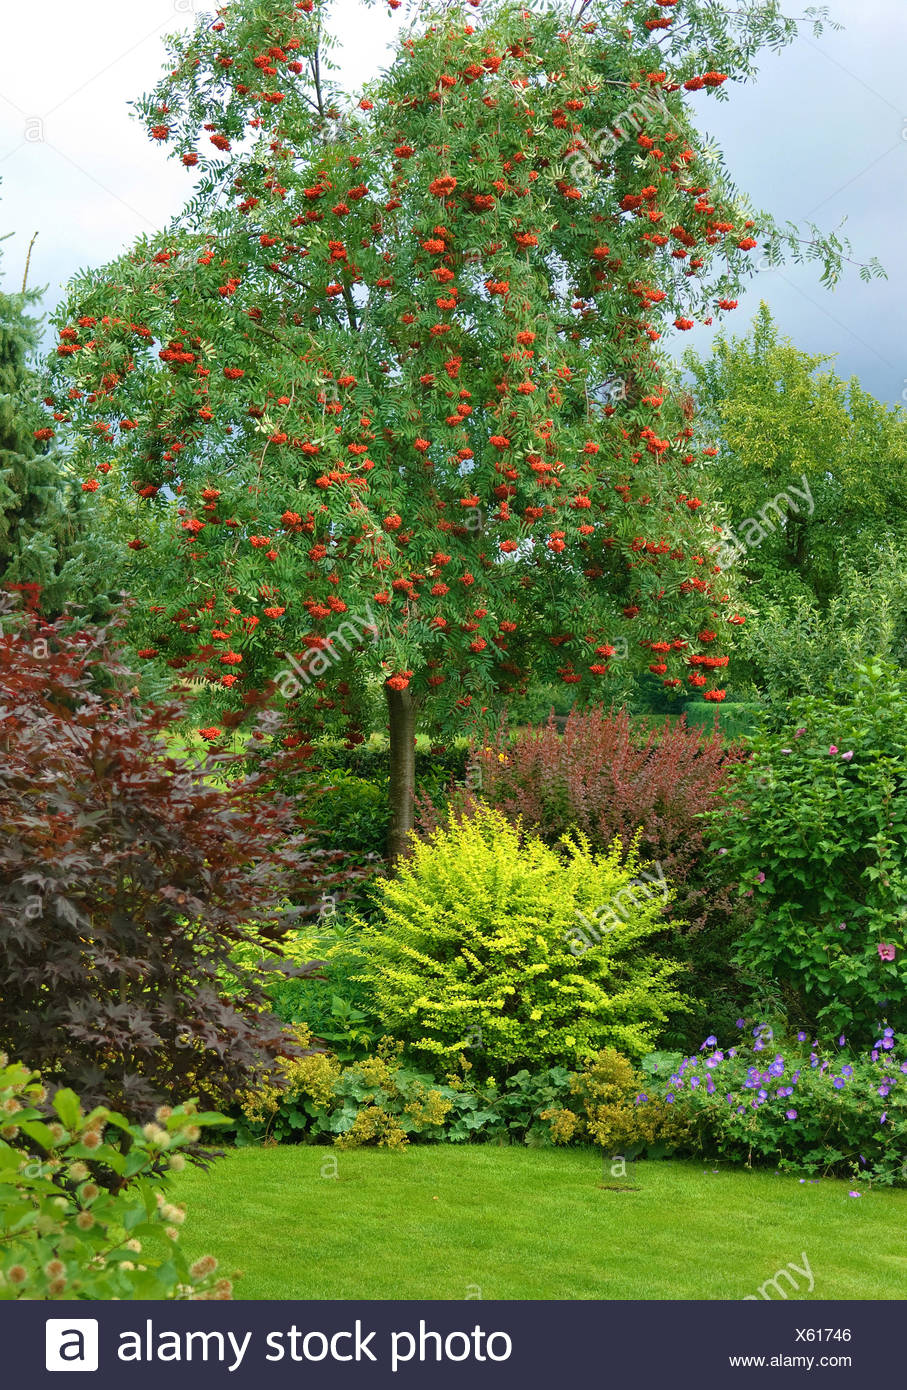 Europäische Vogelbeerbaum, Eberesche (Sorbus Aucuparia 'Rosina', Sorbus Aucuparia Rosina), Sorte Rosina in einem Garten, Deutschland Stockbild